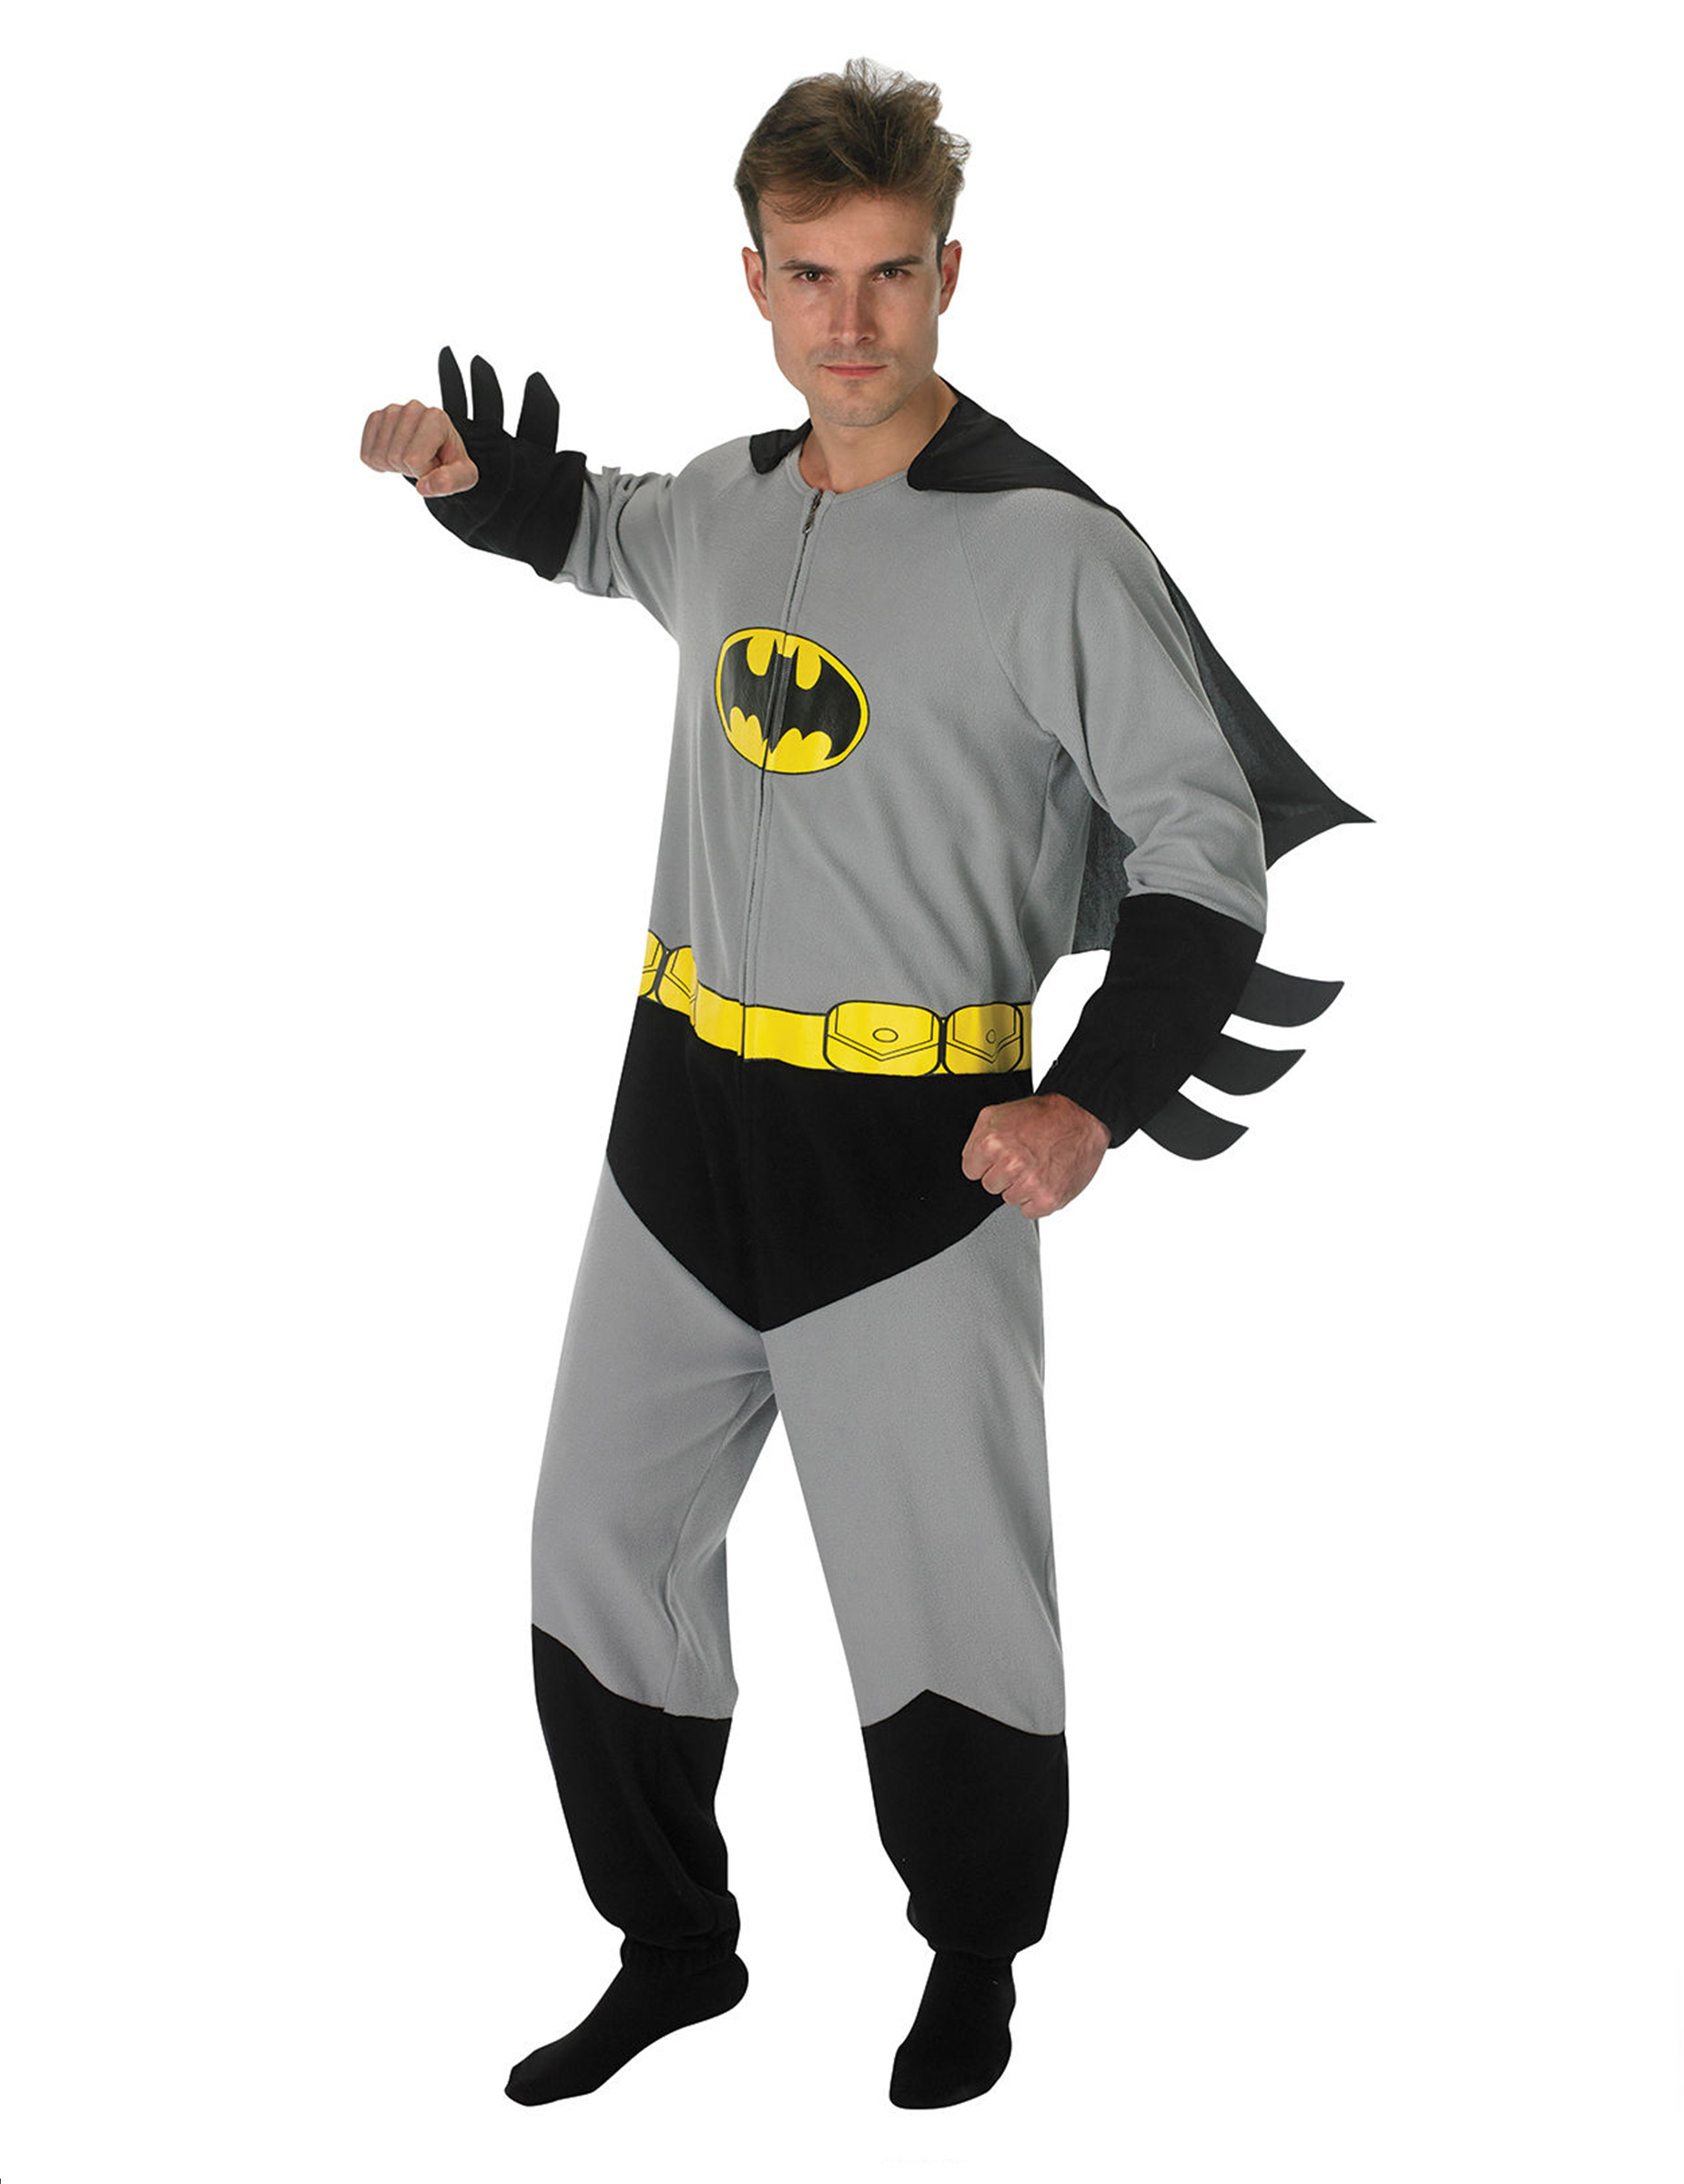 d guisement batman combinaison homme deguise toi achat de d guisements adultes. Black Bedroom Furniture Sets. Home Design Ideas